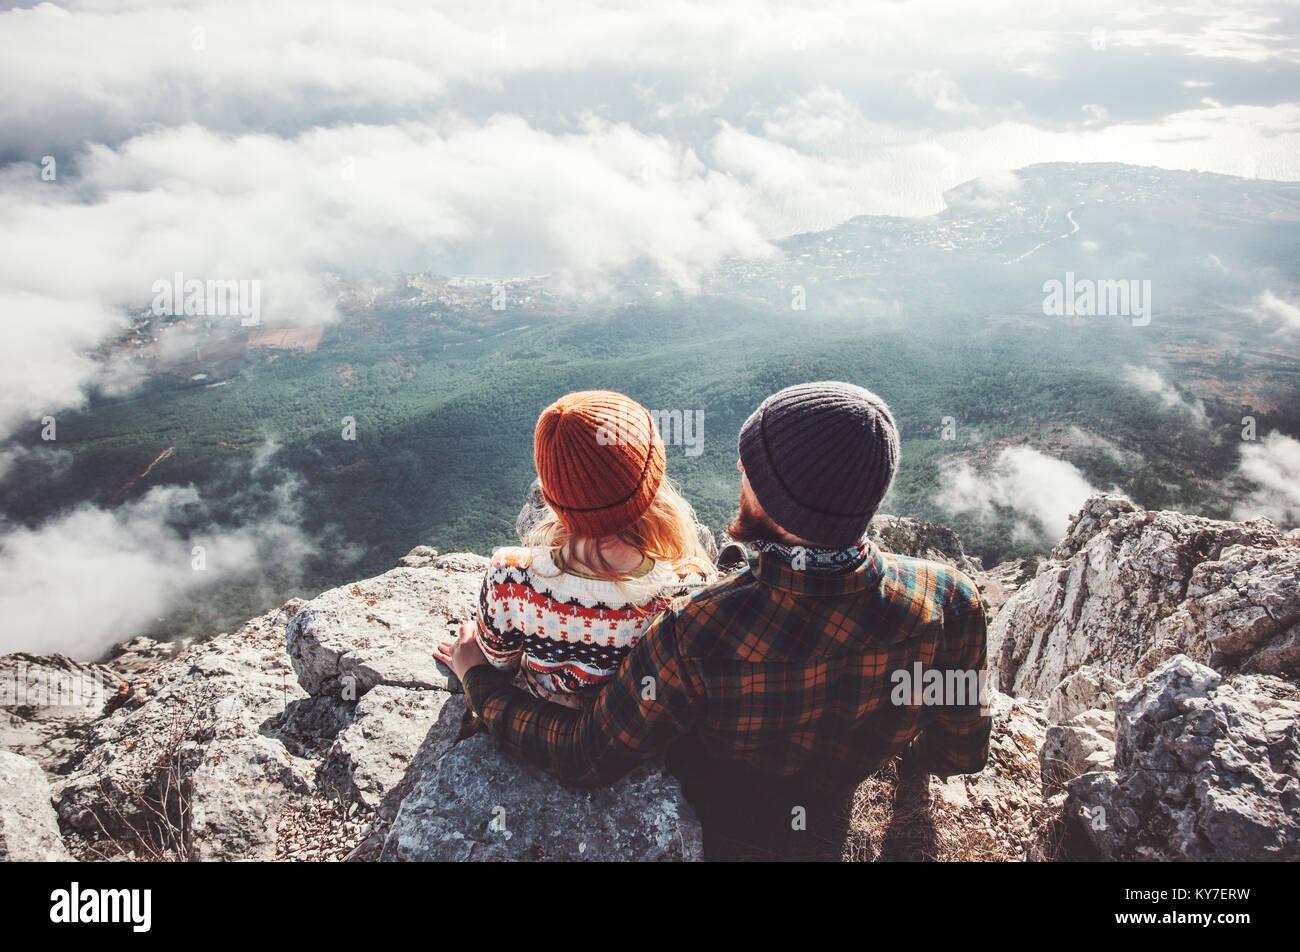 Par Hombre y Mujer sentada abrazando el acantilado disfrutando de montañas y nubes paisaje Amor y emociones Imagen De Stock